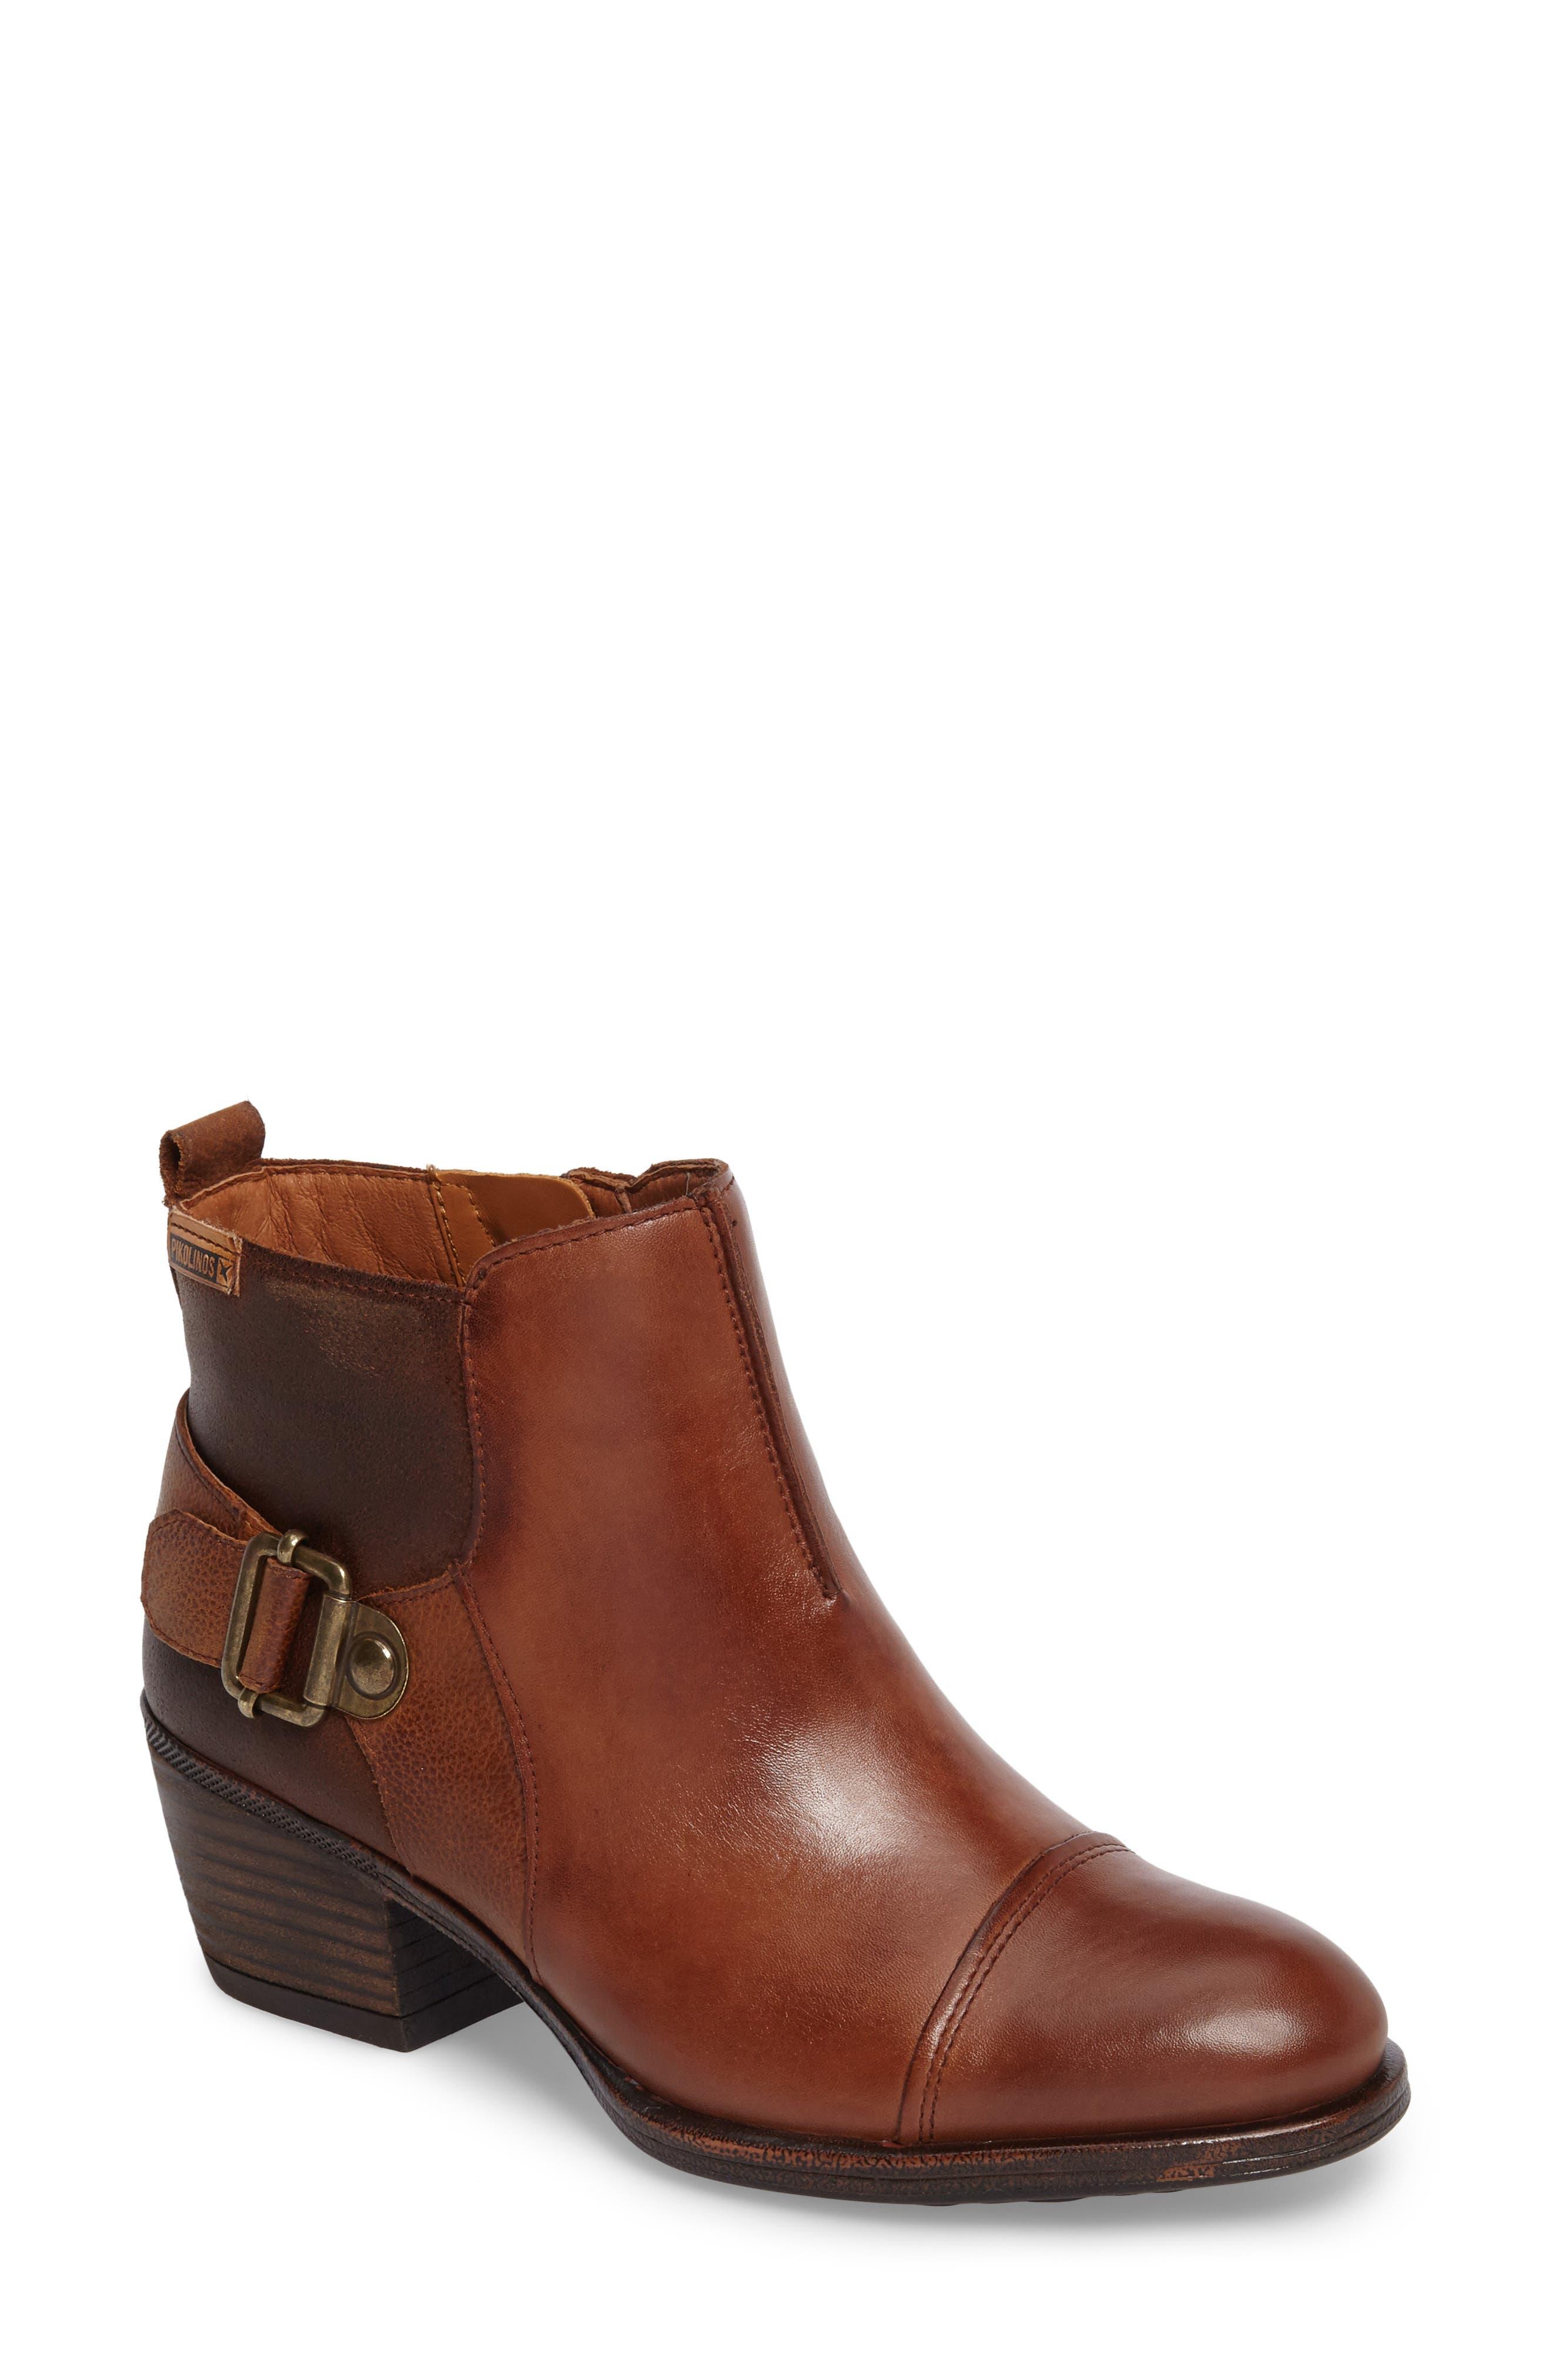 Baqueira Buckle Bootie,                         Main,                         color, Cuero Brandy Leather